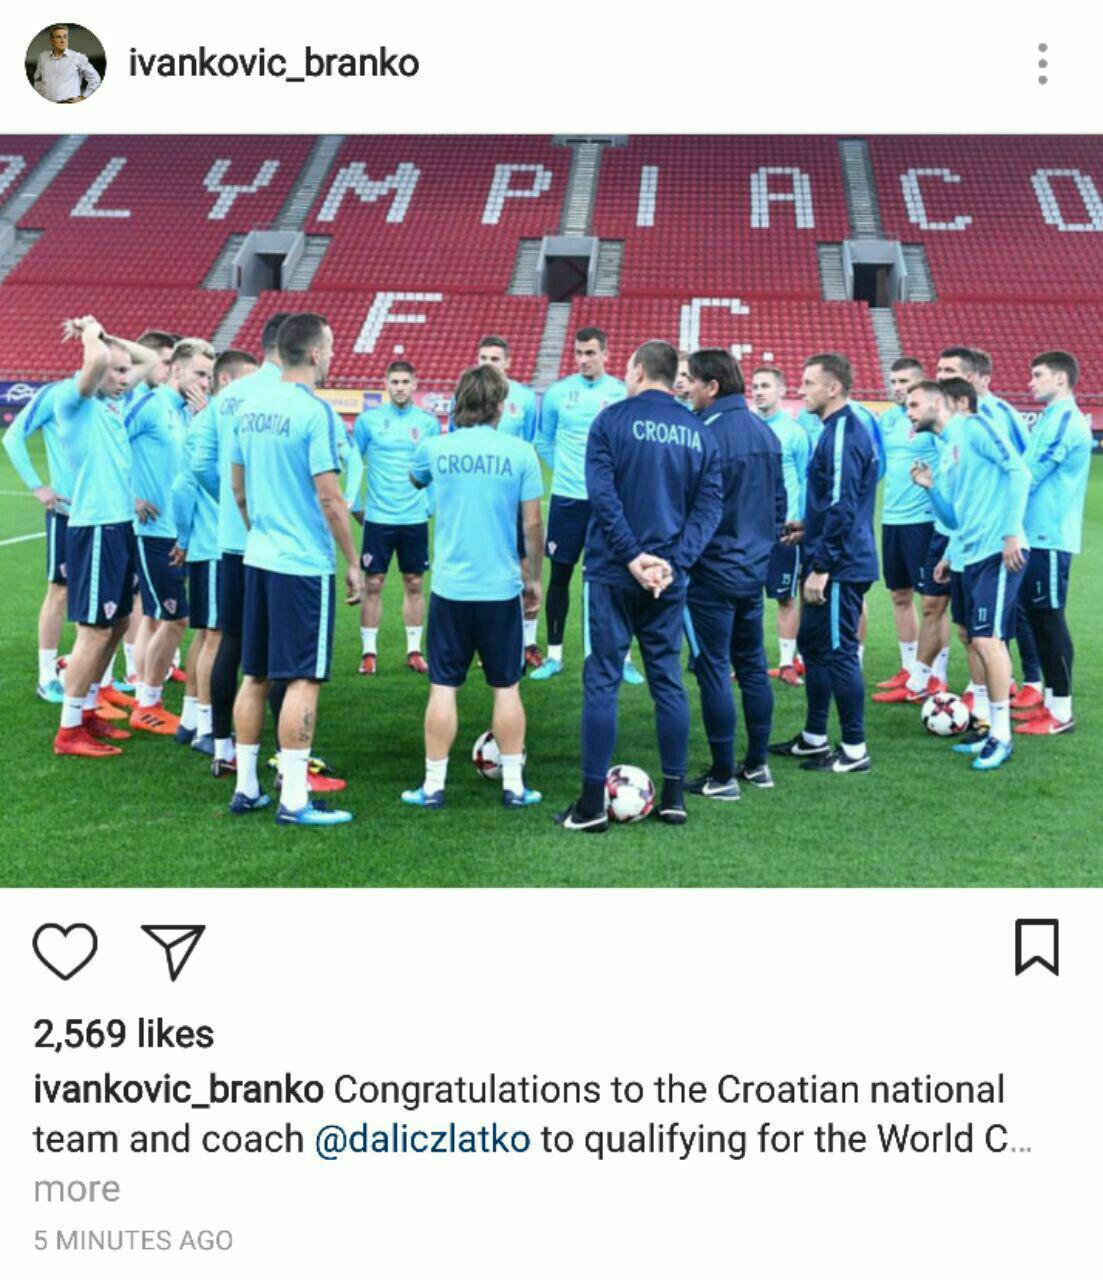 پست اینستاگرامی برانکو بعد از صعود کرواسی به جام جهانی